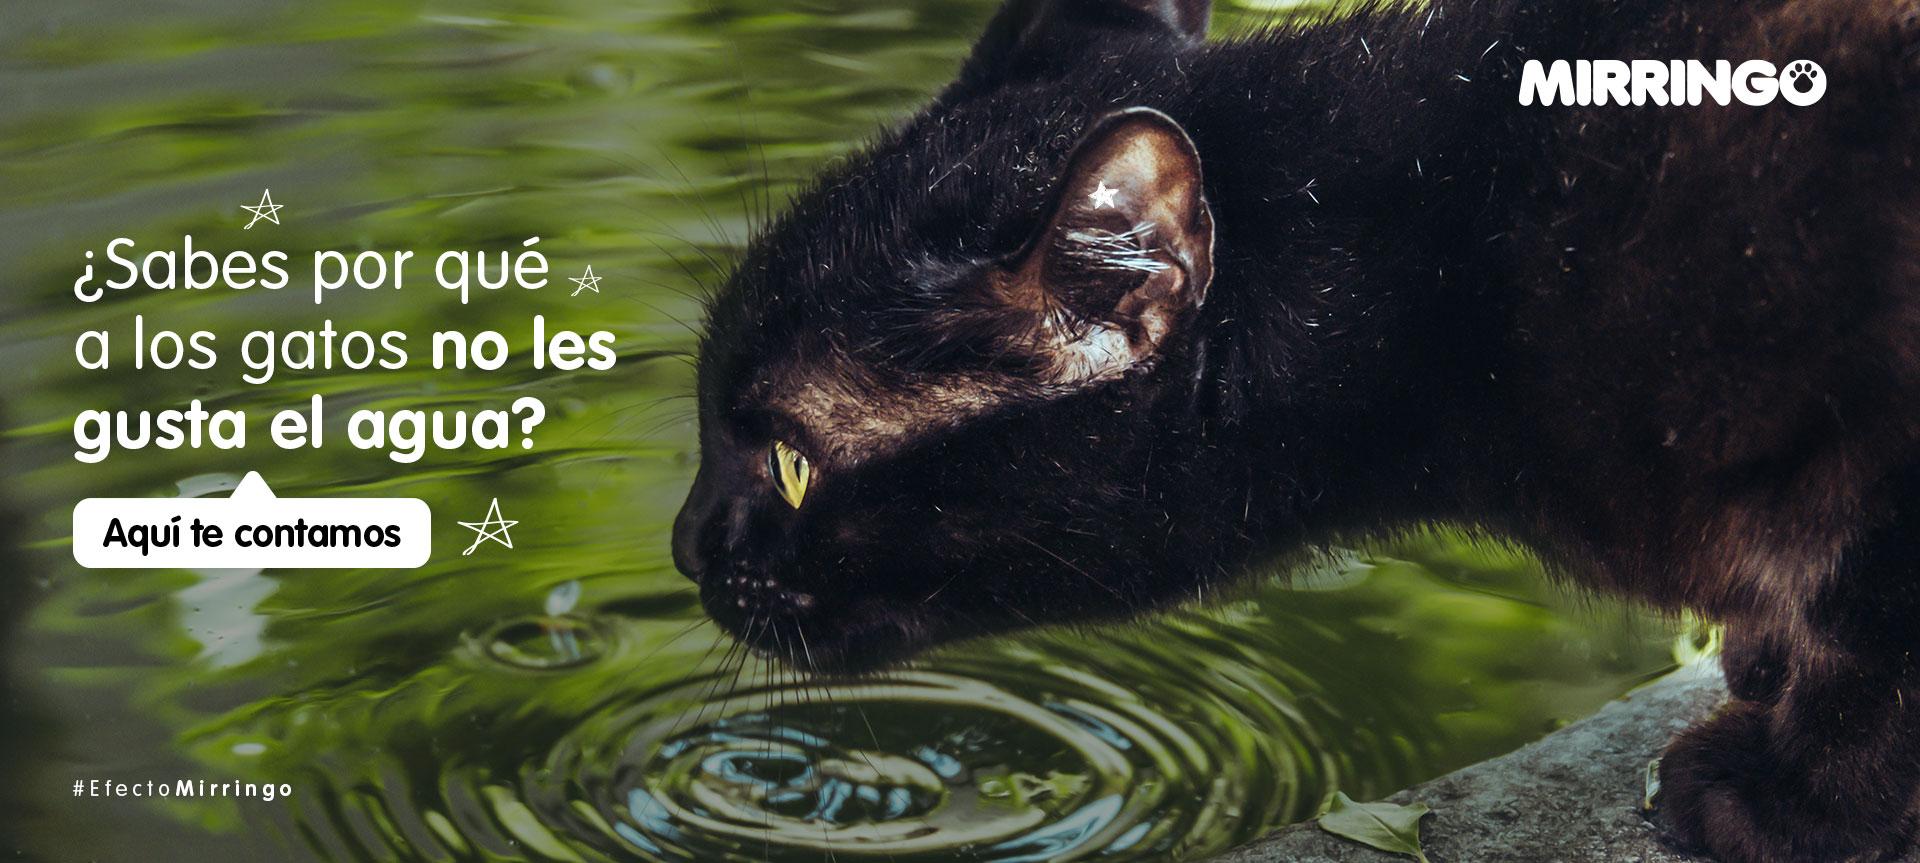 Relación de los gatos con el agua ¿buena o mala?